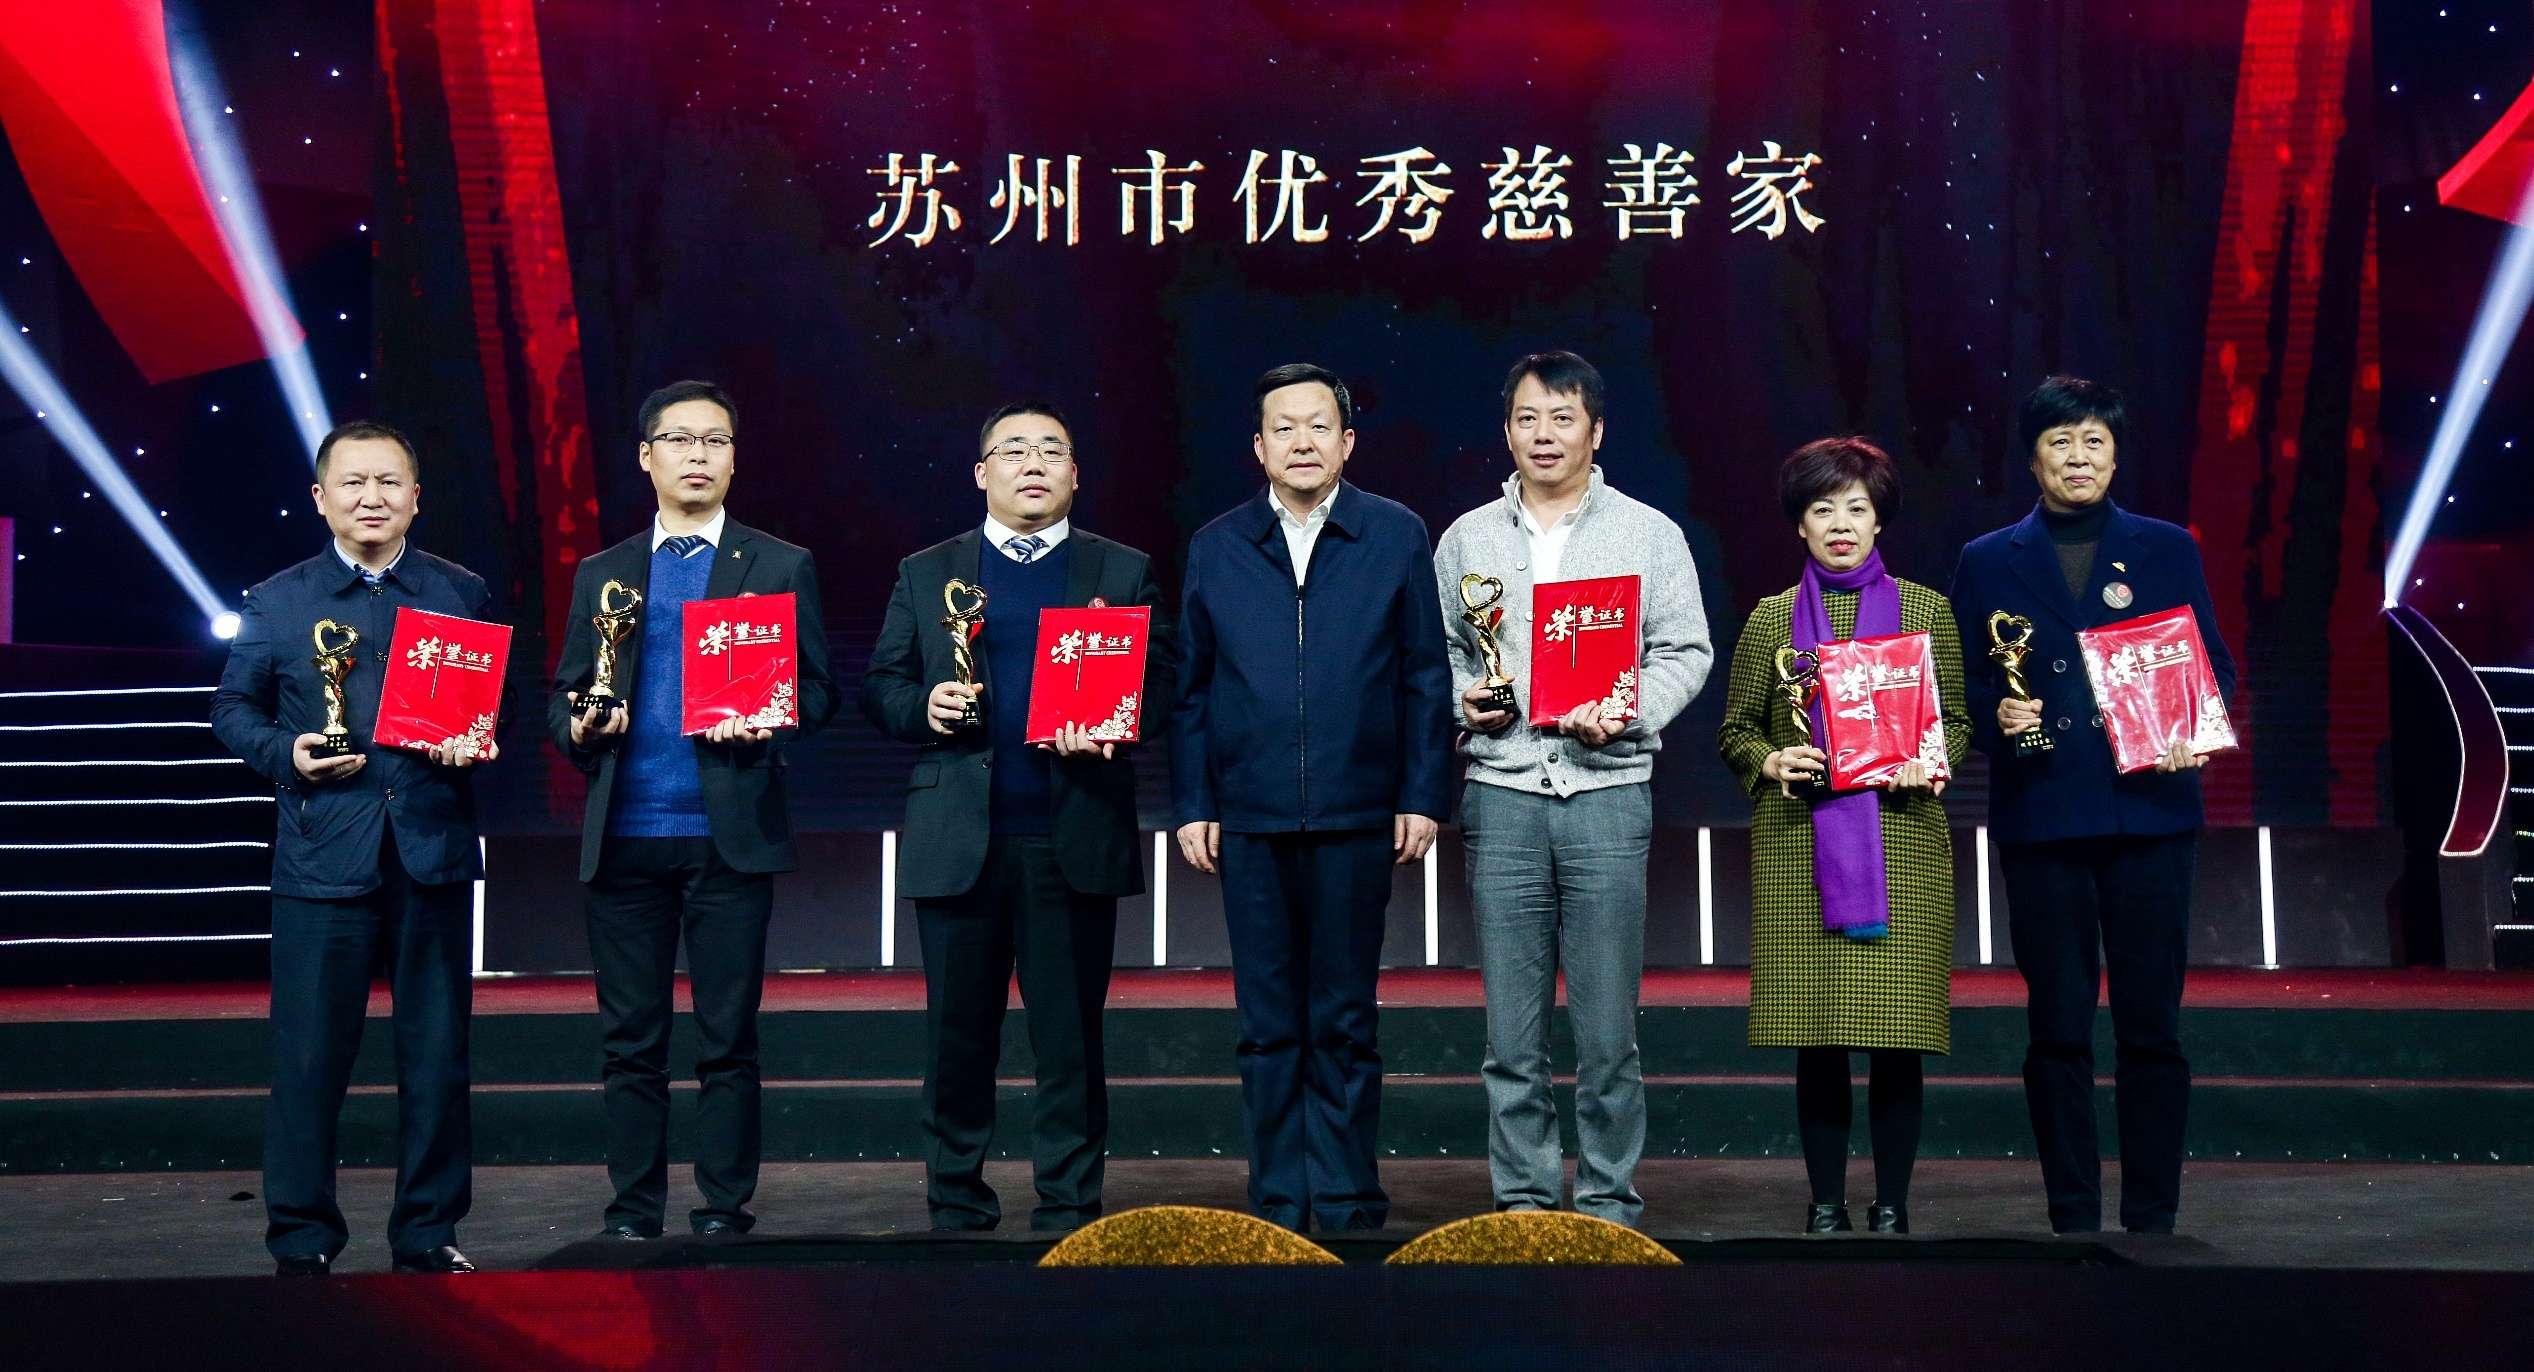 省委常委、市委书记周乃翔为苏州市优秀慈善家颁奖